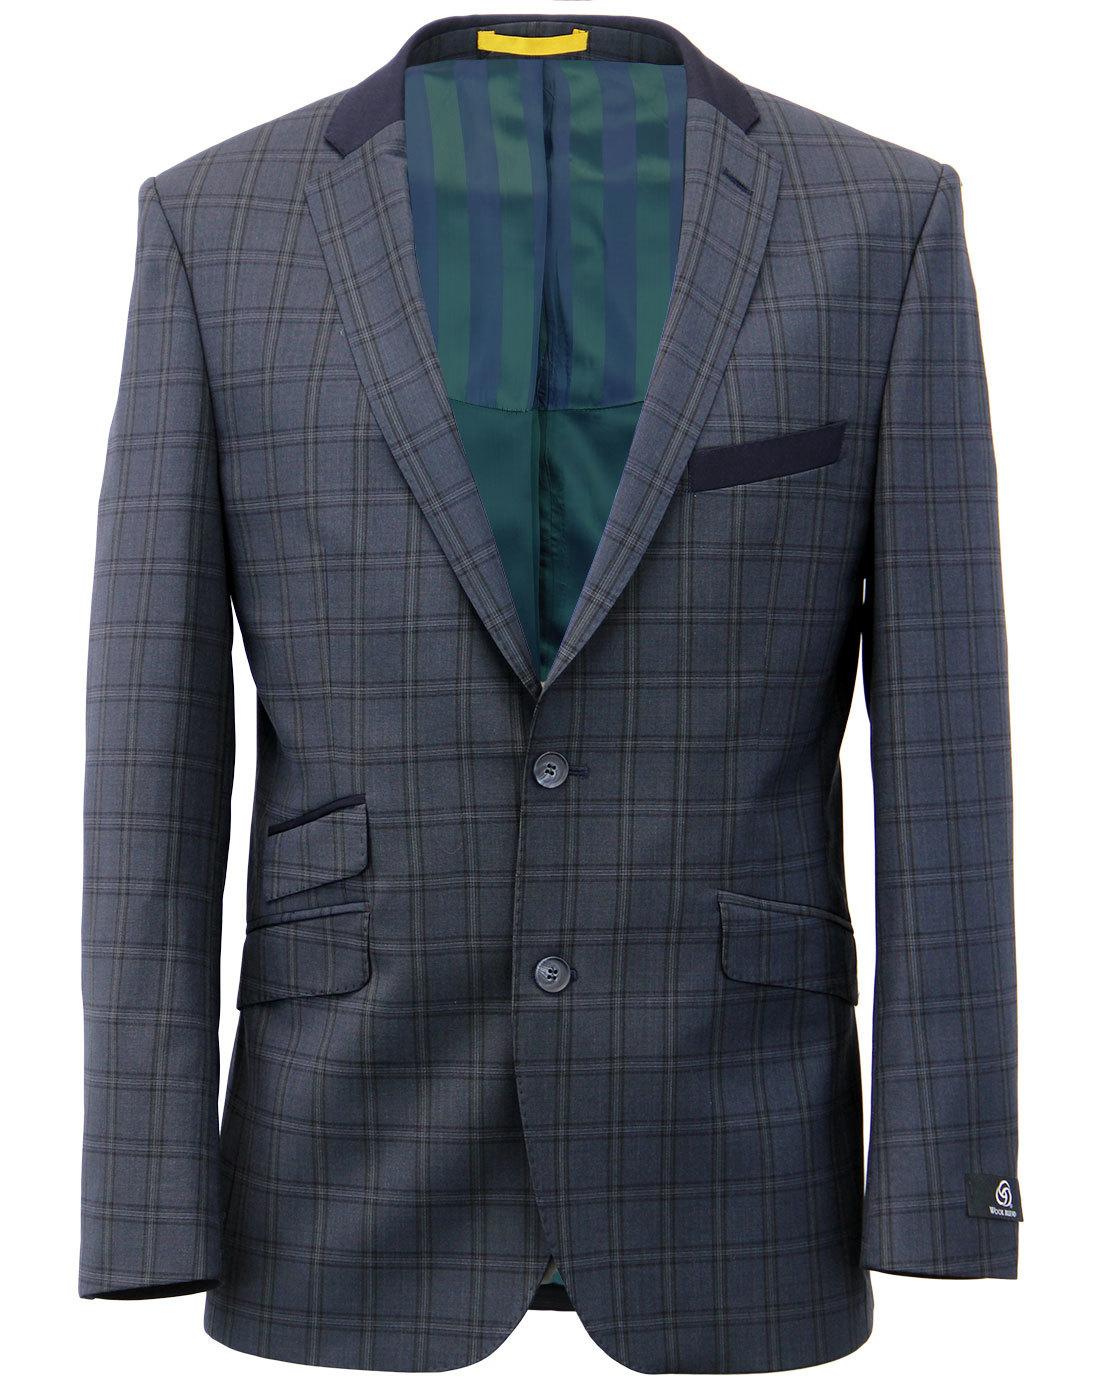 Retro Mod Wool Blend Check 2 Button Suit Jacket